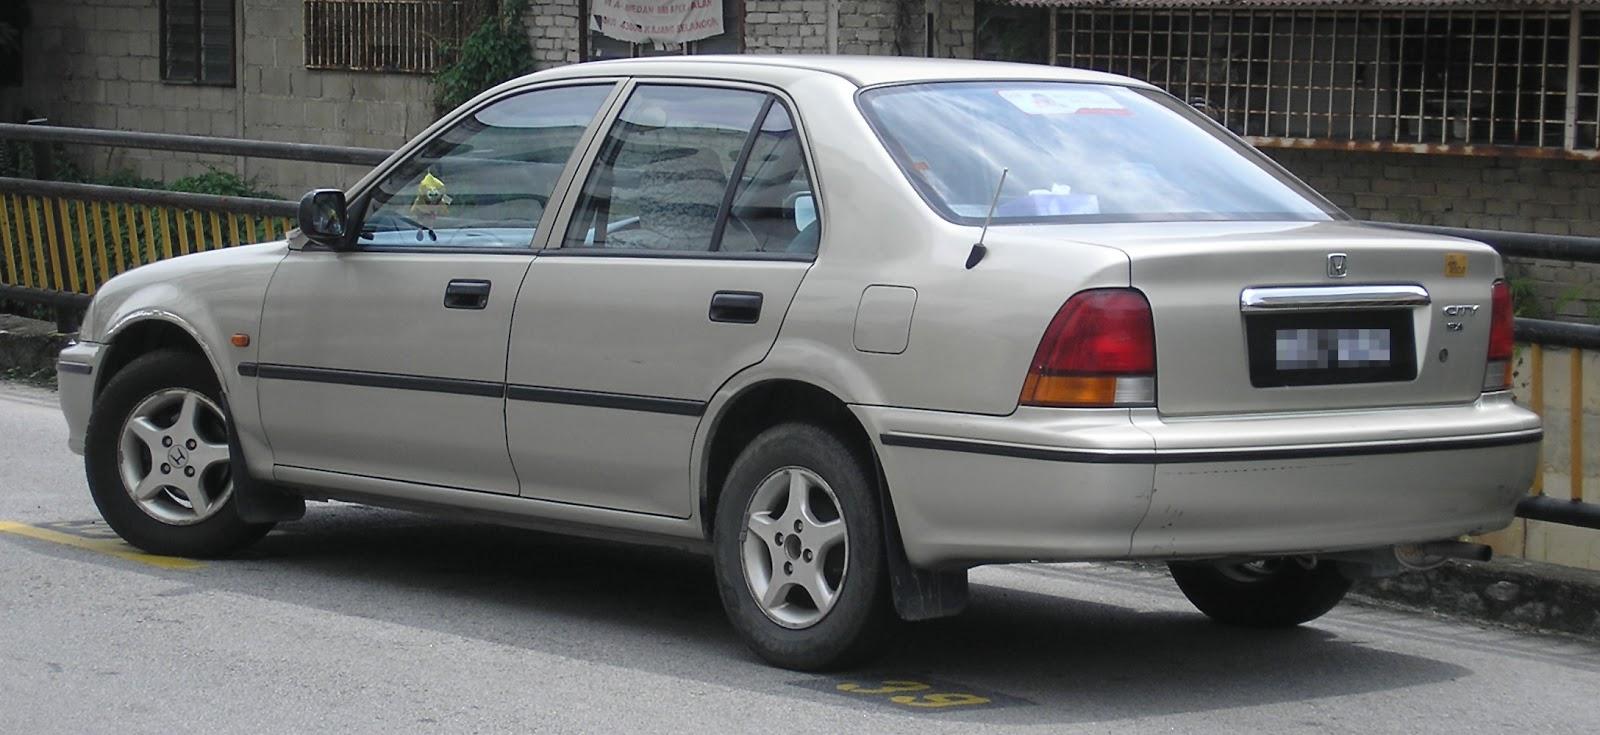 6 Rekomendasi Mobil Bekas di Bawah 50 Juta yang Irit Bahan ...